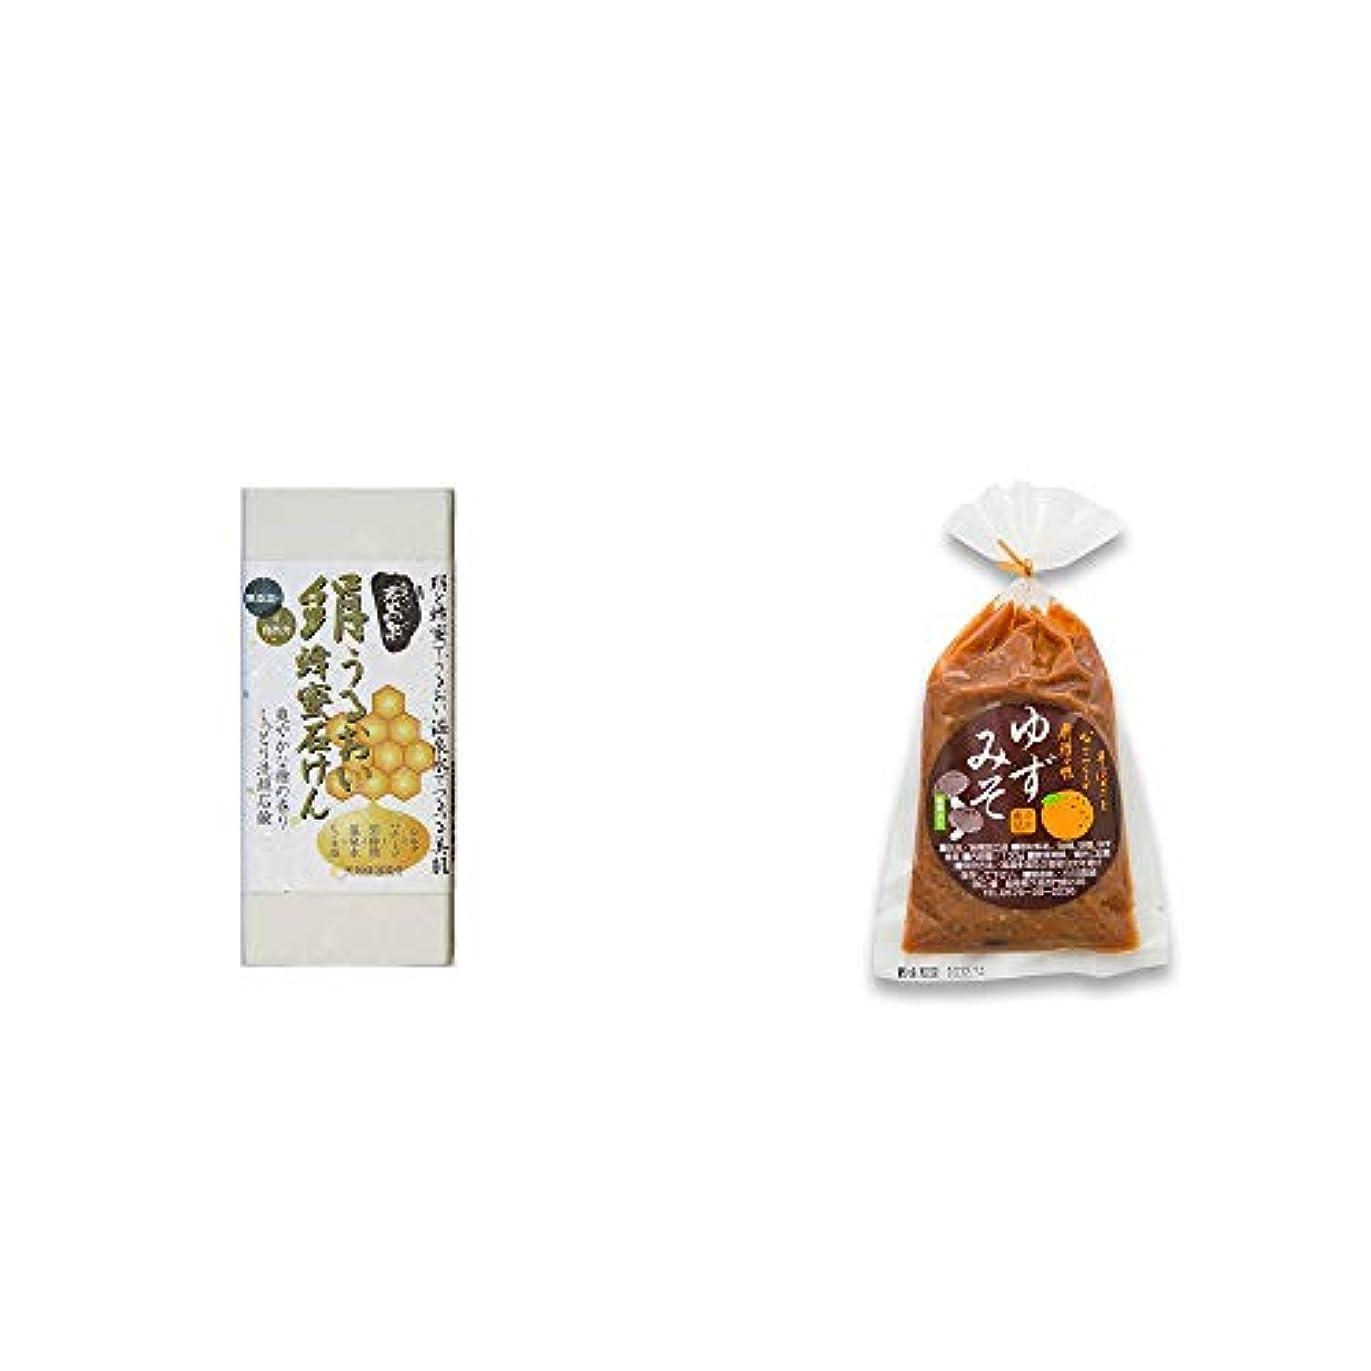 一貫性のない結果として短くする[2点セット] ひのき炭黒泉 絹うるおい蜂蜜石けん(75g×2)?ゆずみそ(130g)